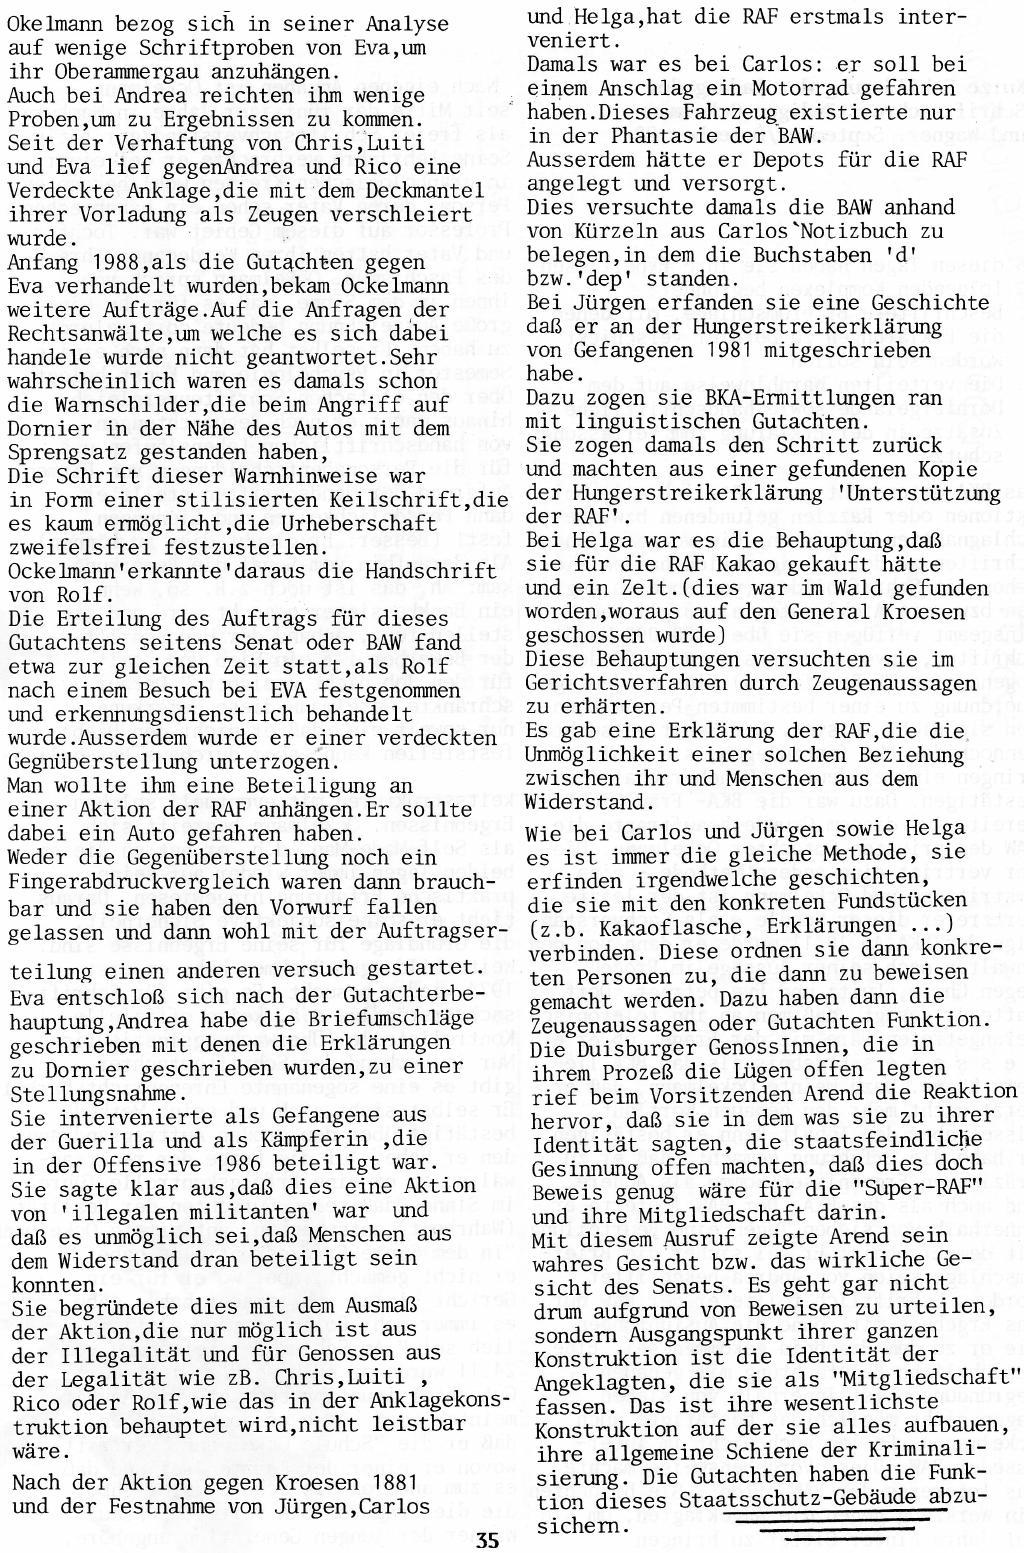 Duesseldorf_1989_Sechs_Politische_Gefangene_035